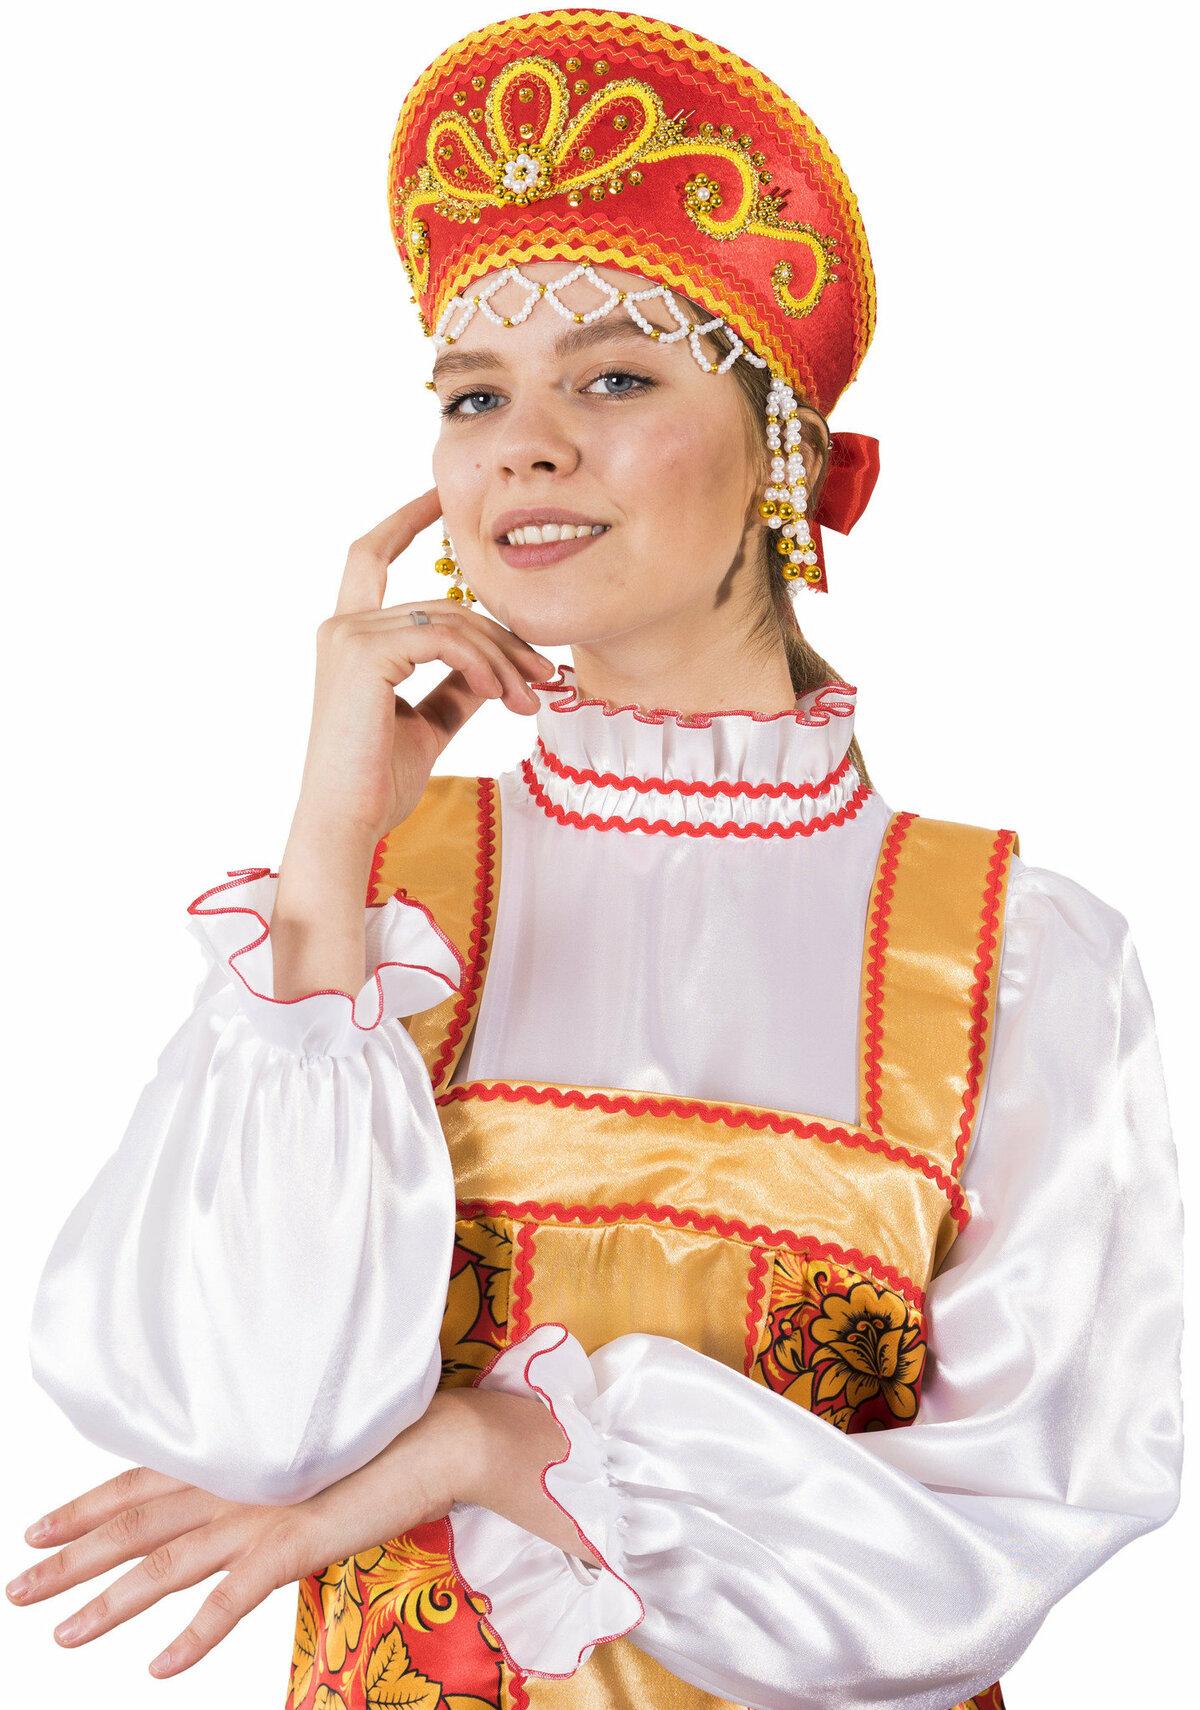 кружевом русские народные костюмы фото или картинки суп густой достаточно